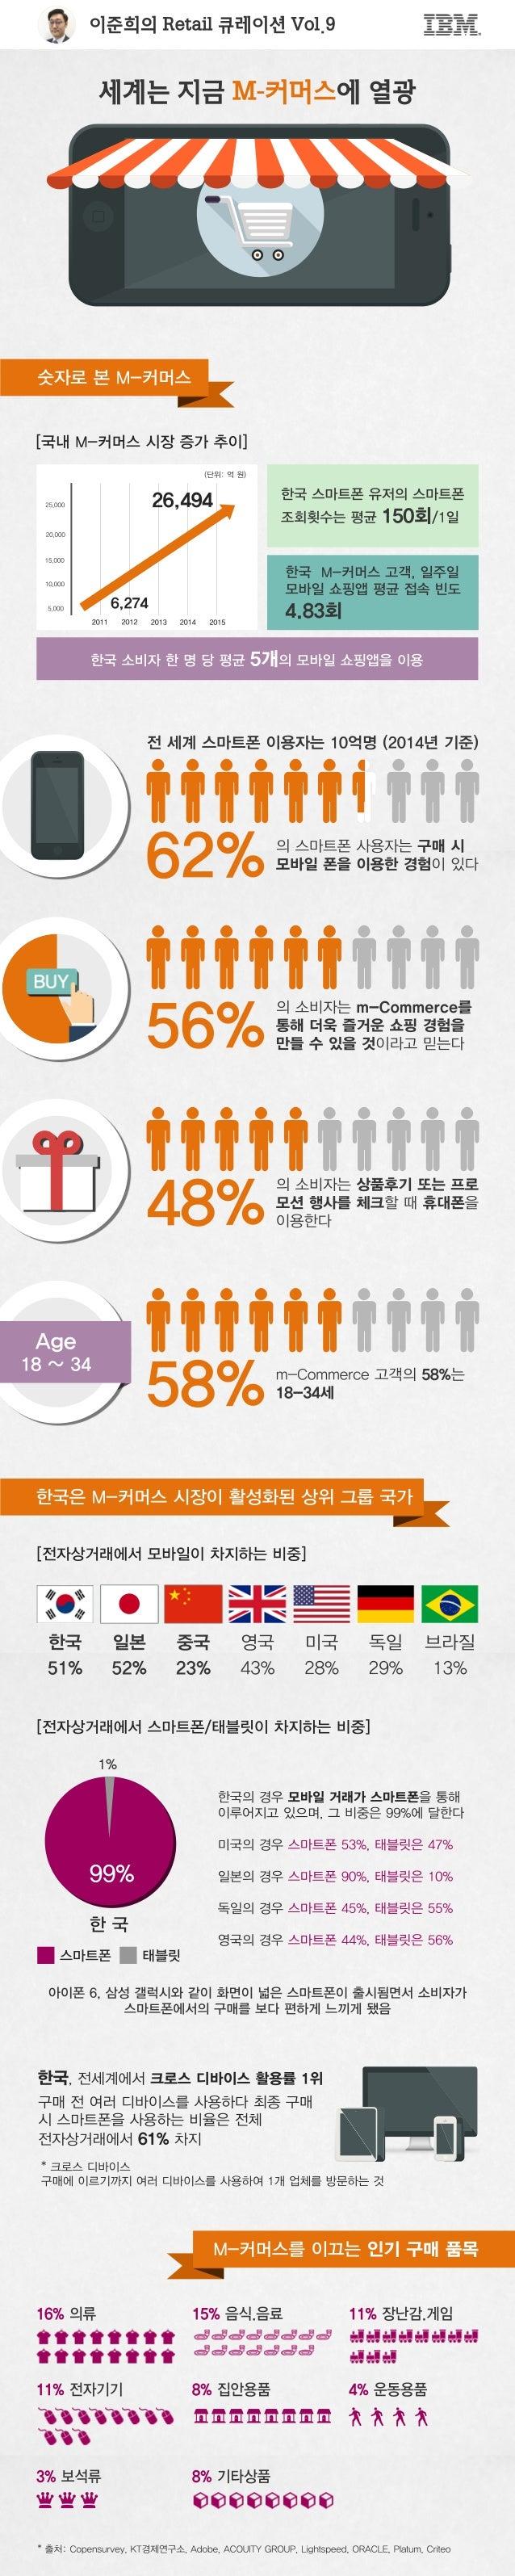 이준희의Retail큐레이션Vol.9 전 세계 스마트폰 이용자는 10억명 (2014년 기준) 62%의 스마트폰 사용자는 구매 시 모바일 폰을 이용한 경험이 있다 56% 의 소비자는 m-Commerce를 통해 더욱 즐거운 ...